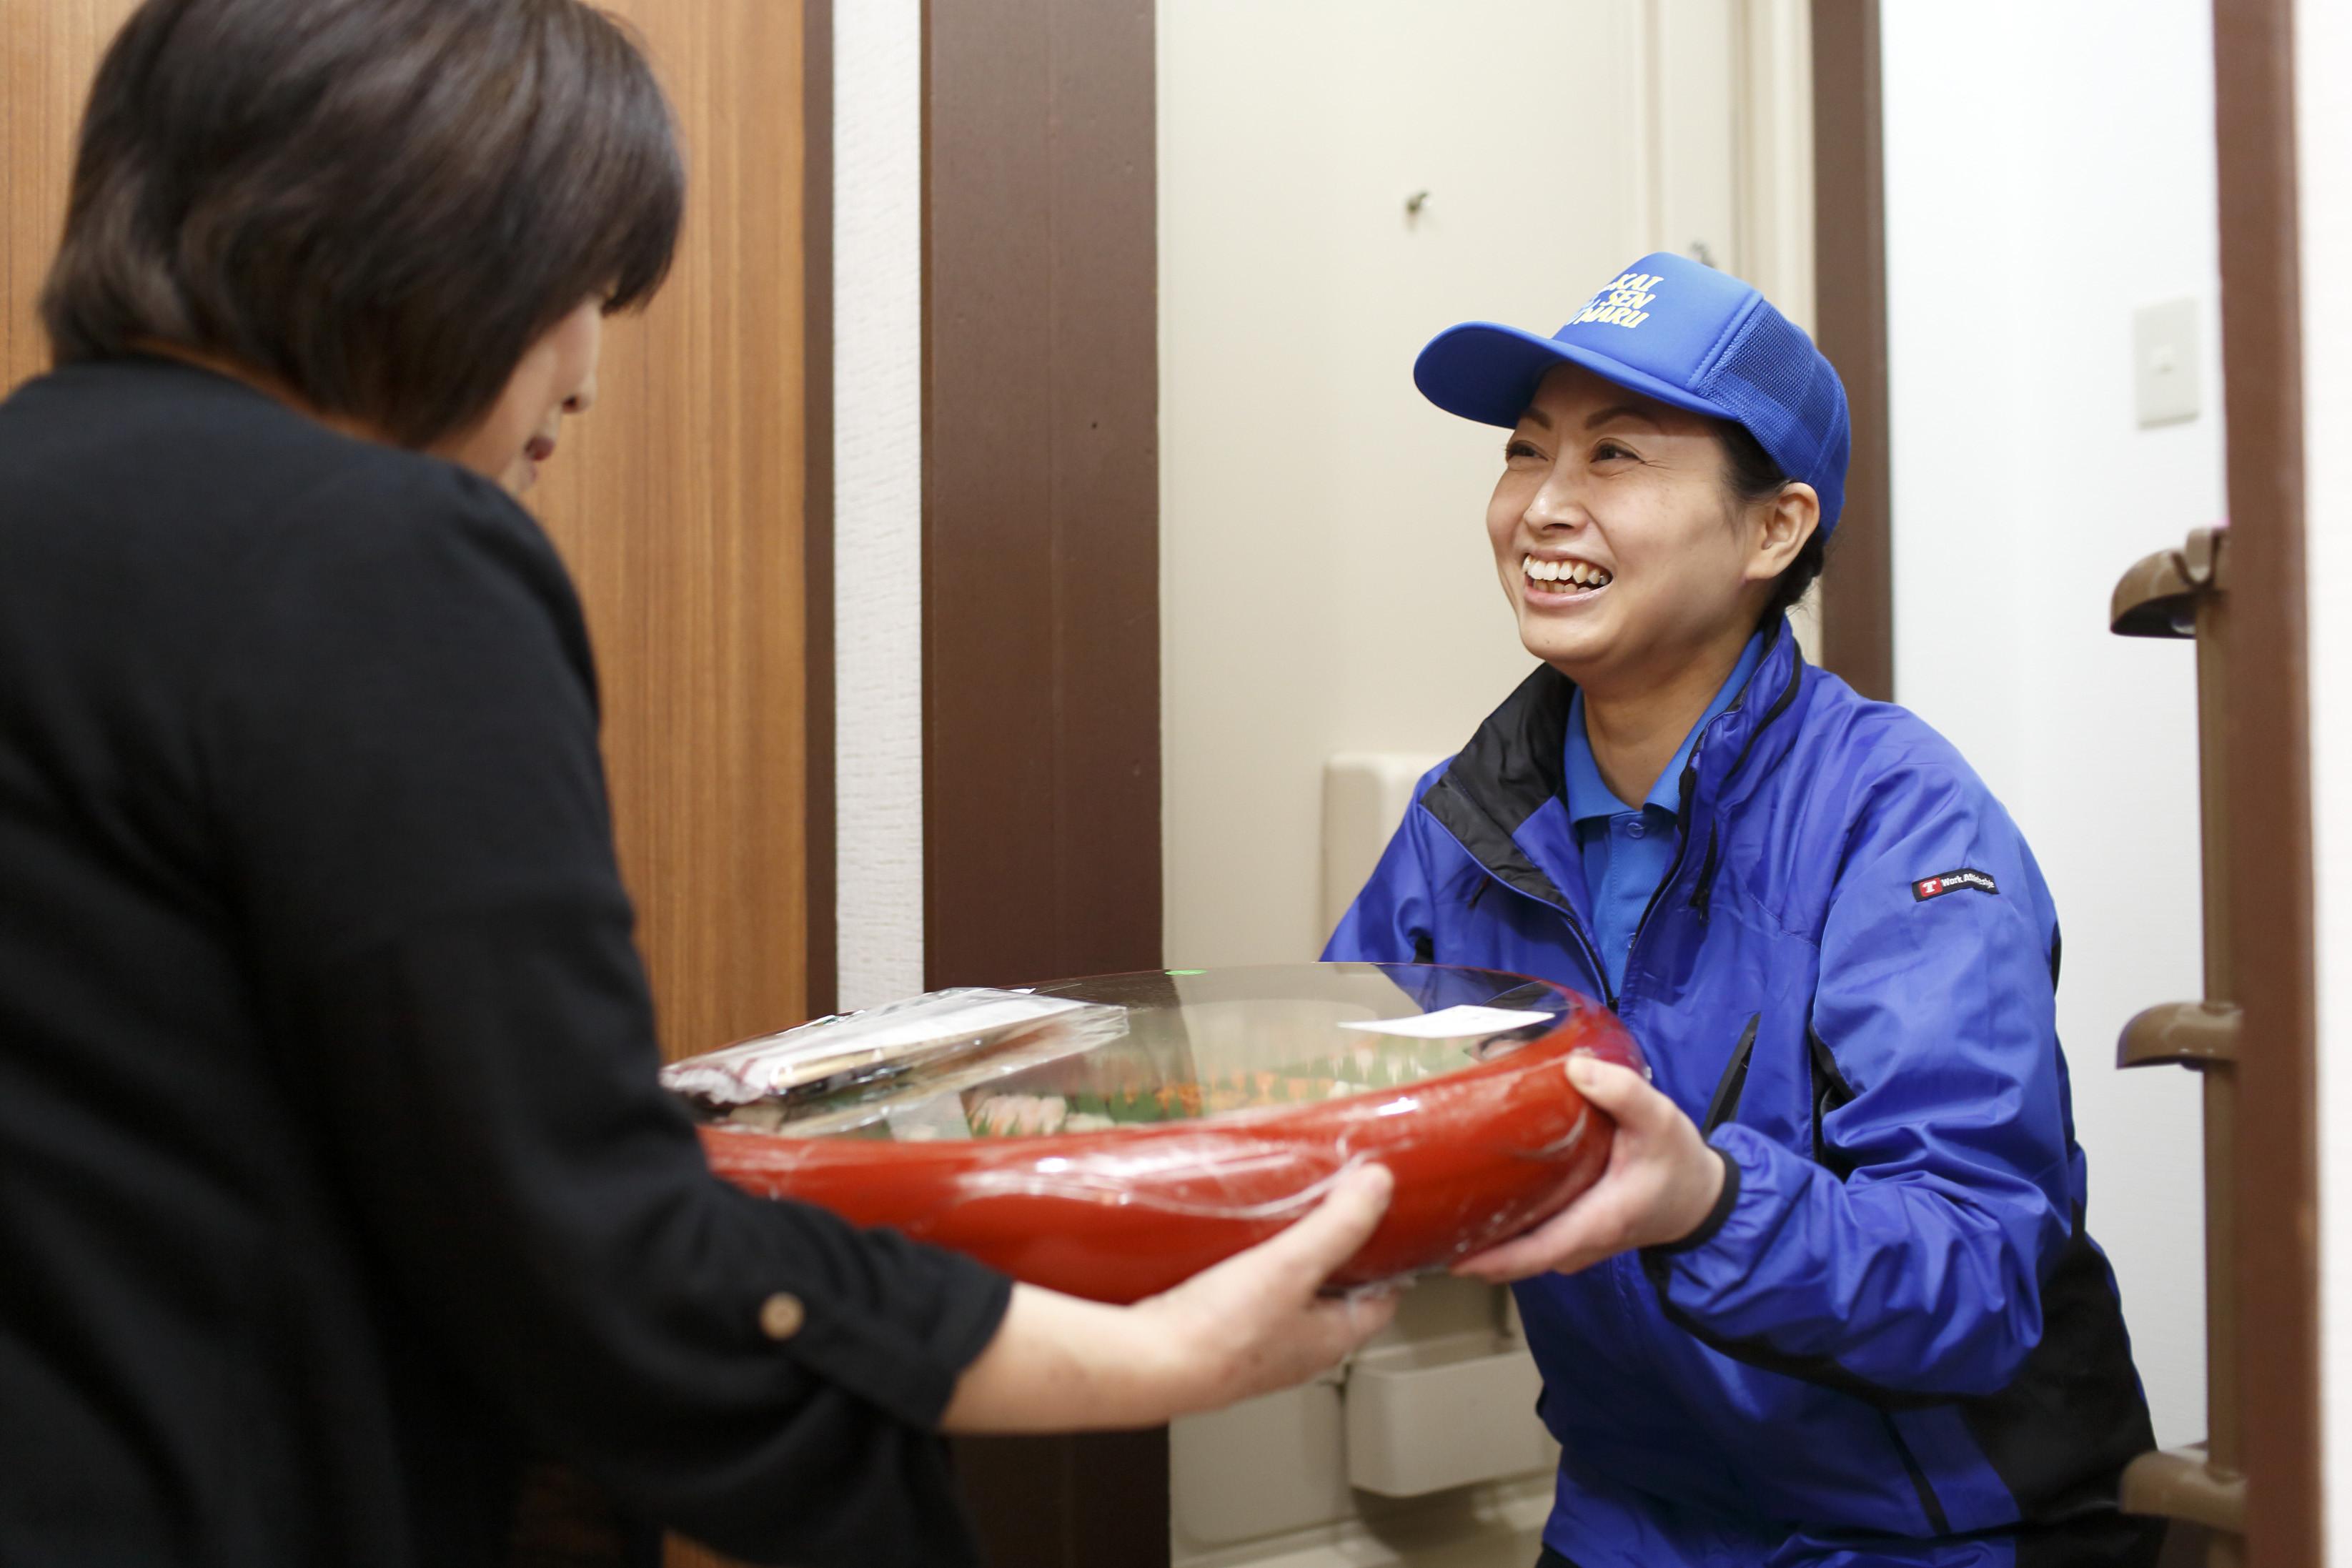 札幌海鮮丸 山形北店 デリバリー(配達)スタッフのアルバイト情報